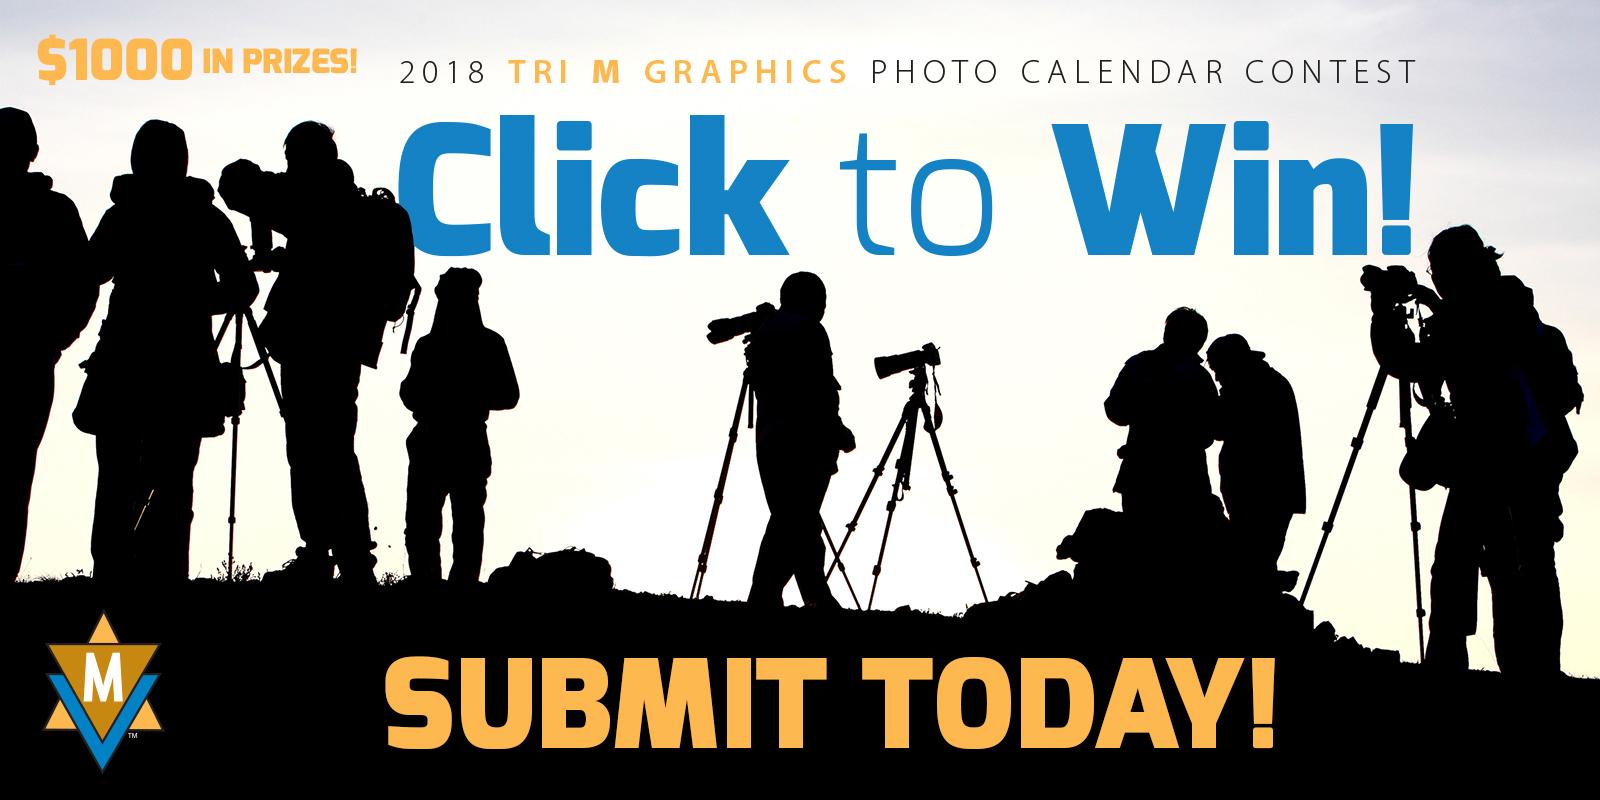 Tri M Graphics 2018 Photo Calendar Contest - logo